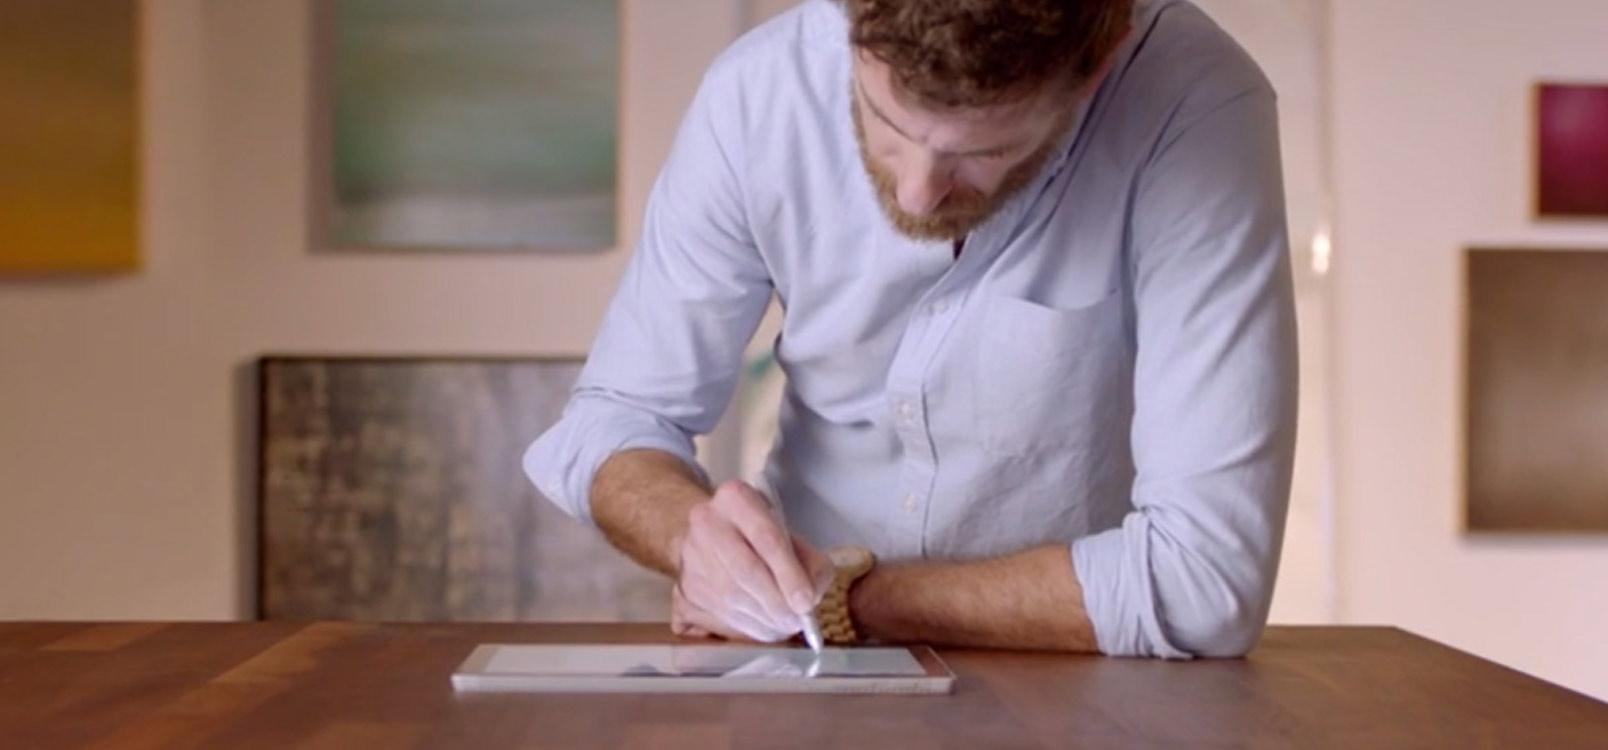 2 人の人物がスマートフォンの画面を見ています。Office での共同作業に関する詳細情報を参照します。